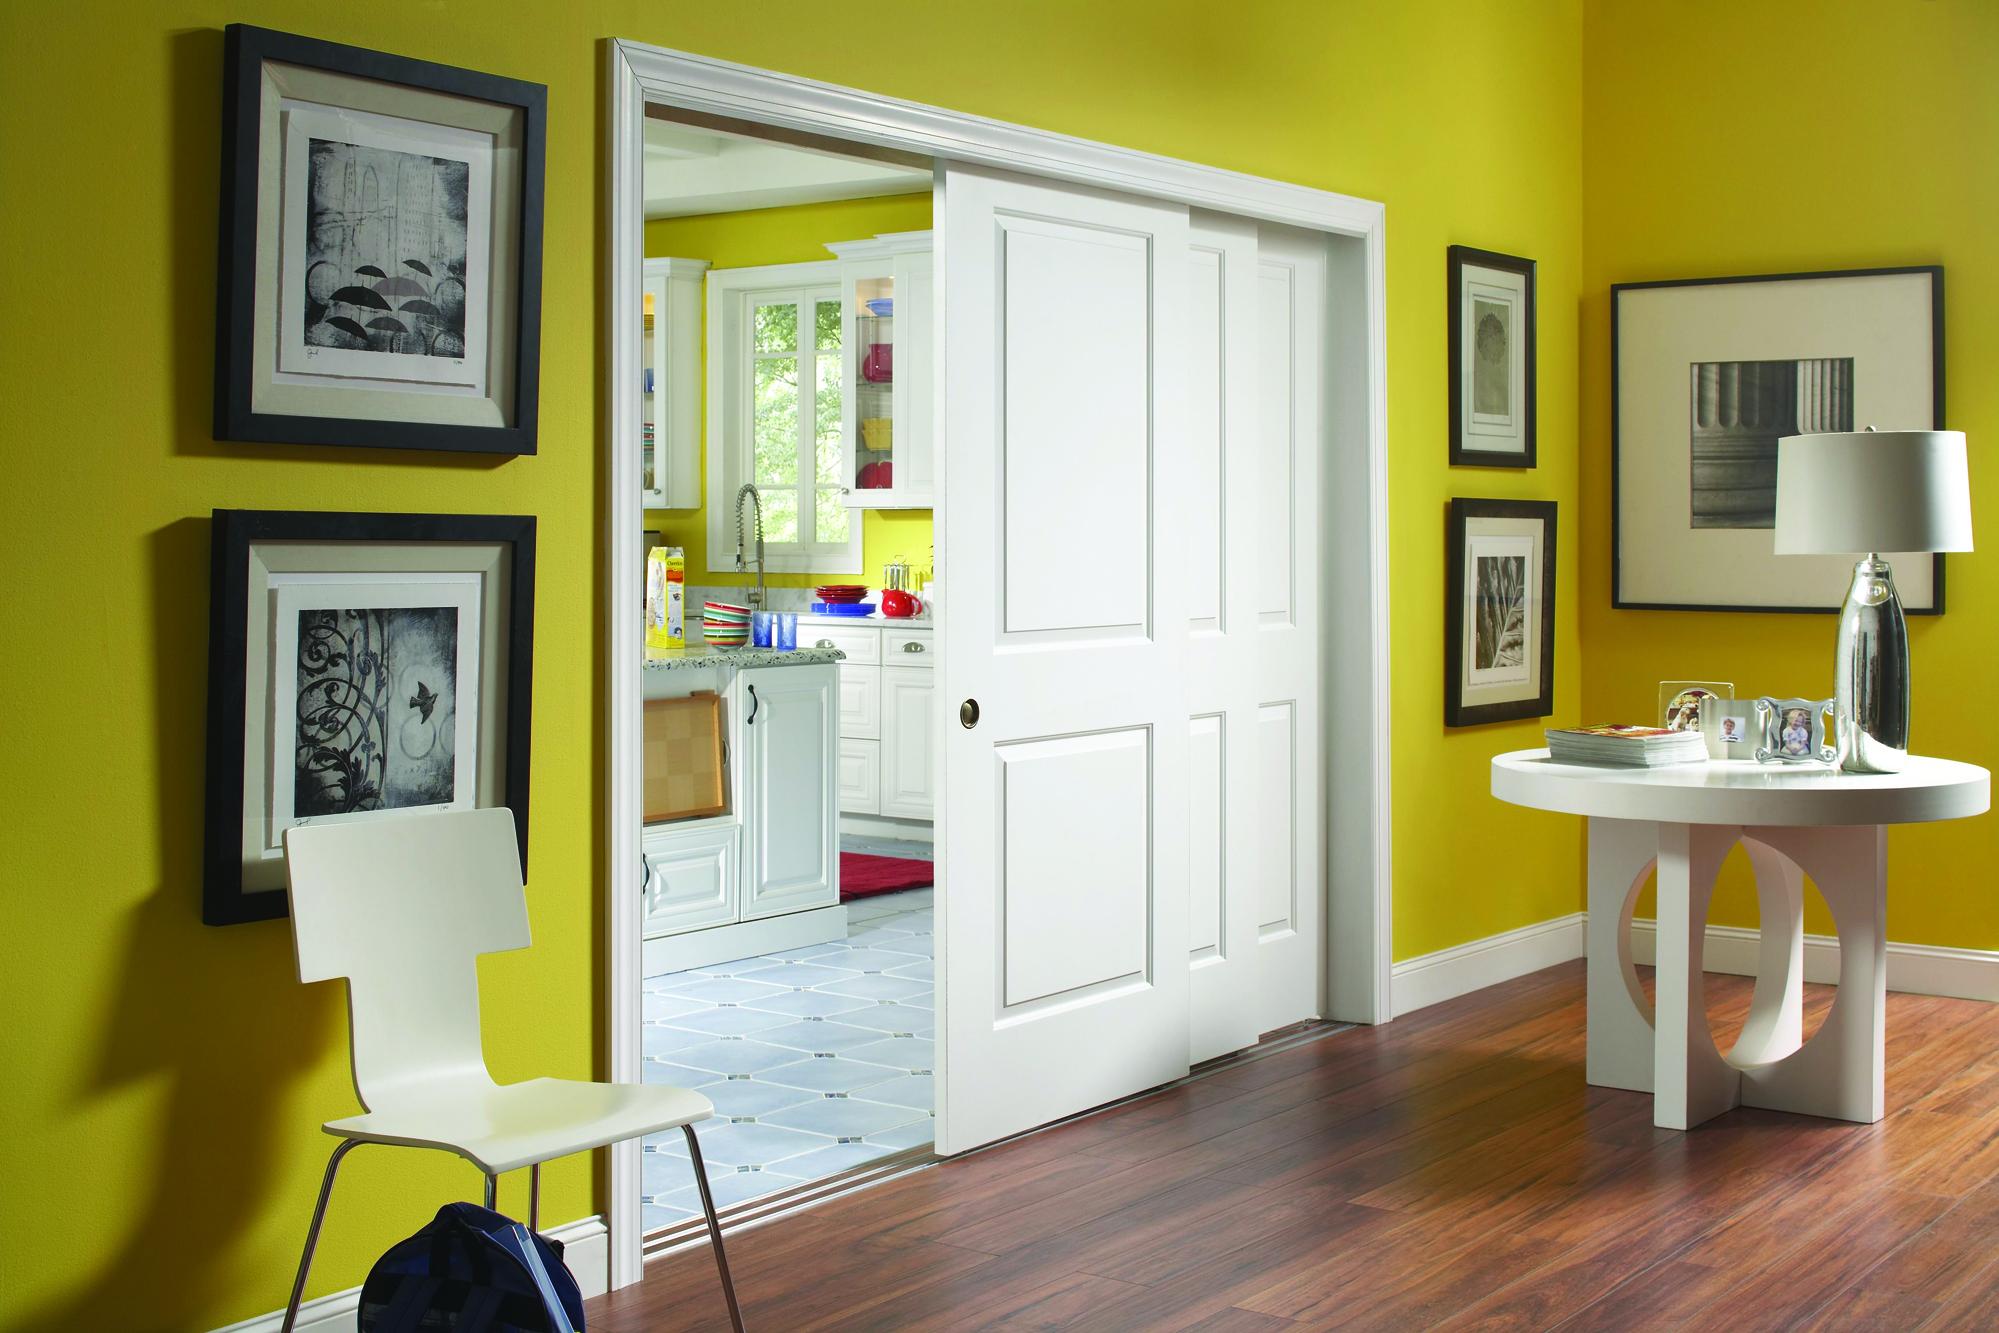 Wider Pocket Door Frame Jlc Online